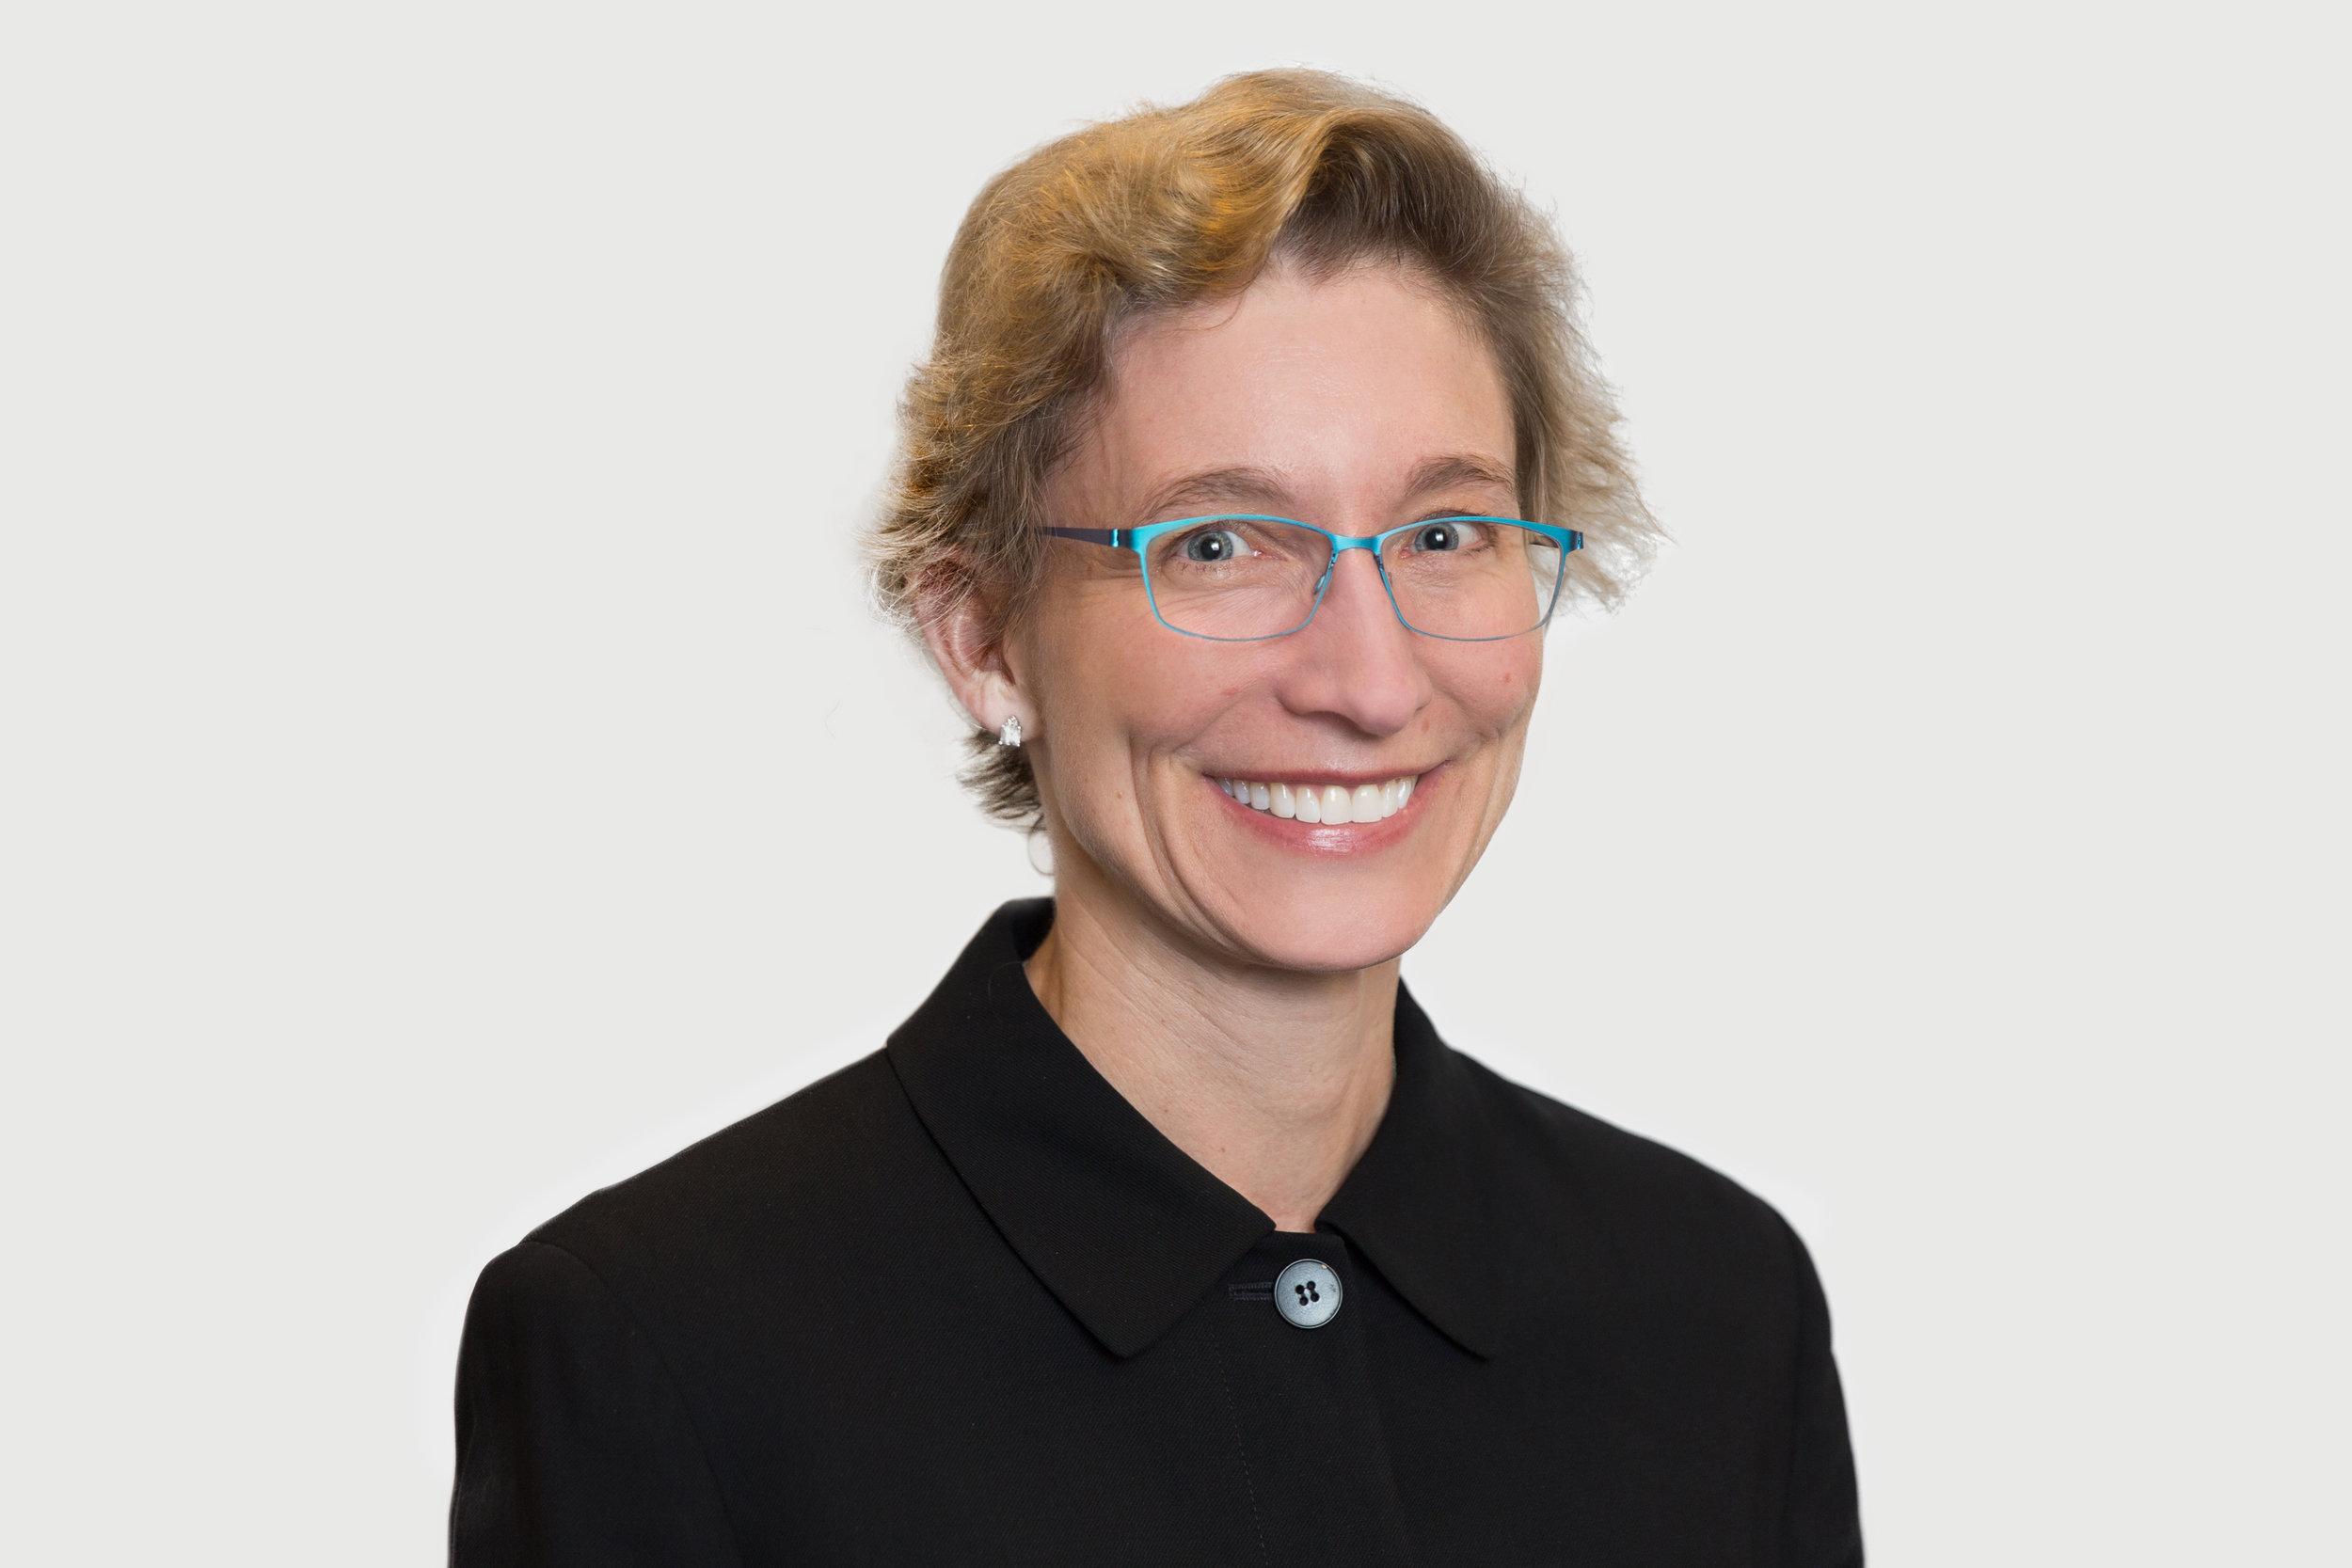 Julie Raggio, MD